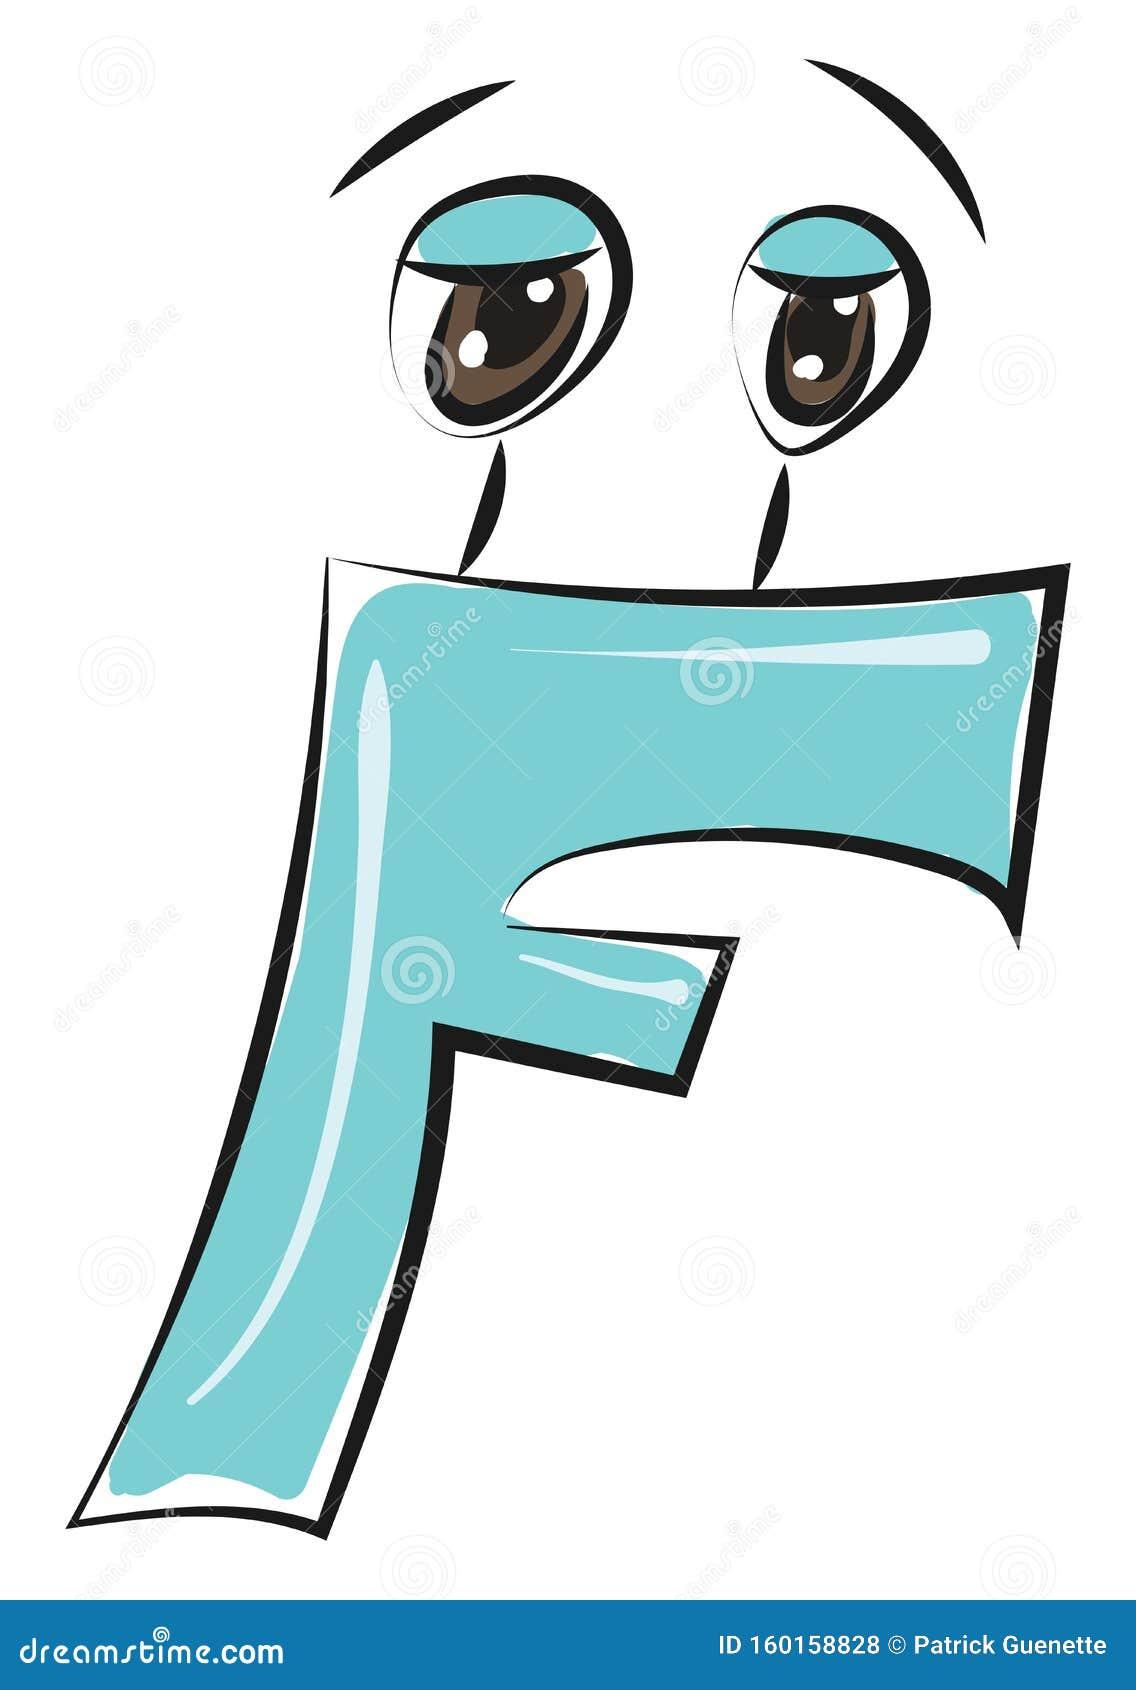 Letter F Alphabet Emoji Vector Or Color Illustration Stock Vector Illustration Of Emoji School 160158828